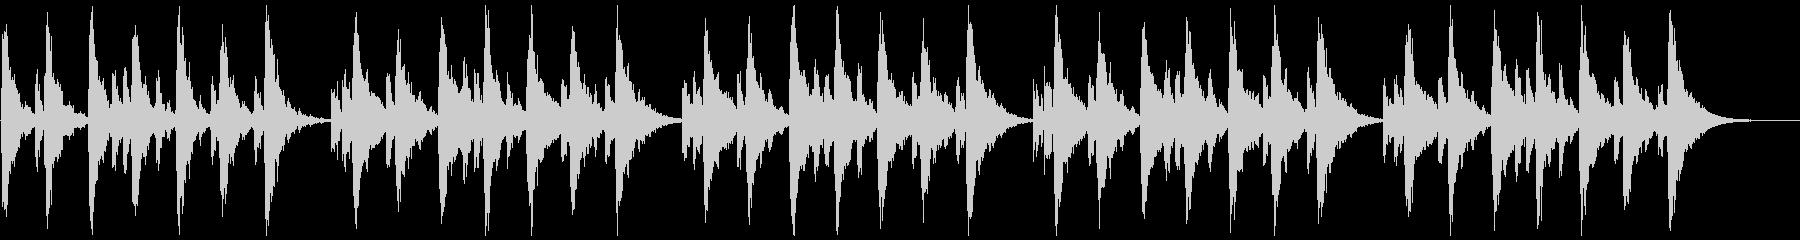 シンセの心地よいBGM(リードなし)の未再生の波形